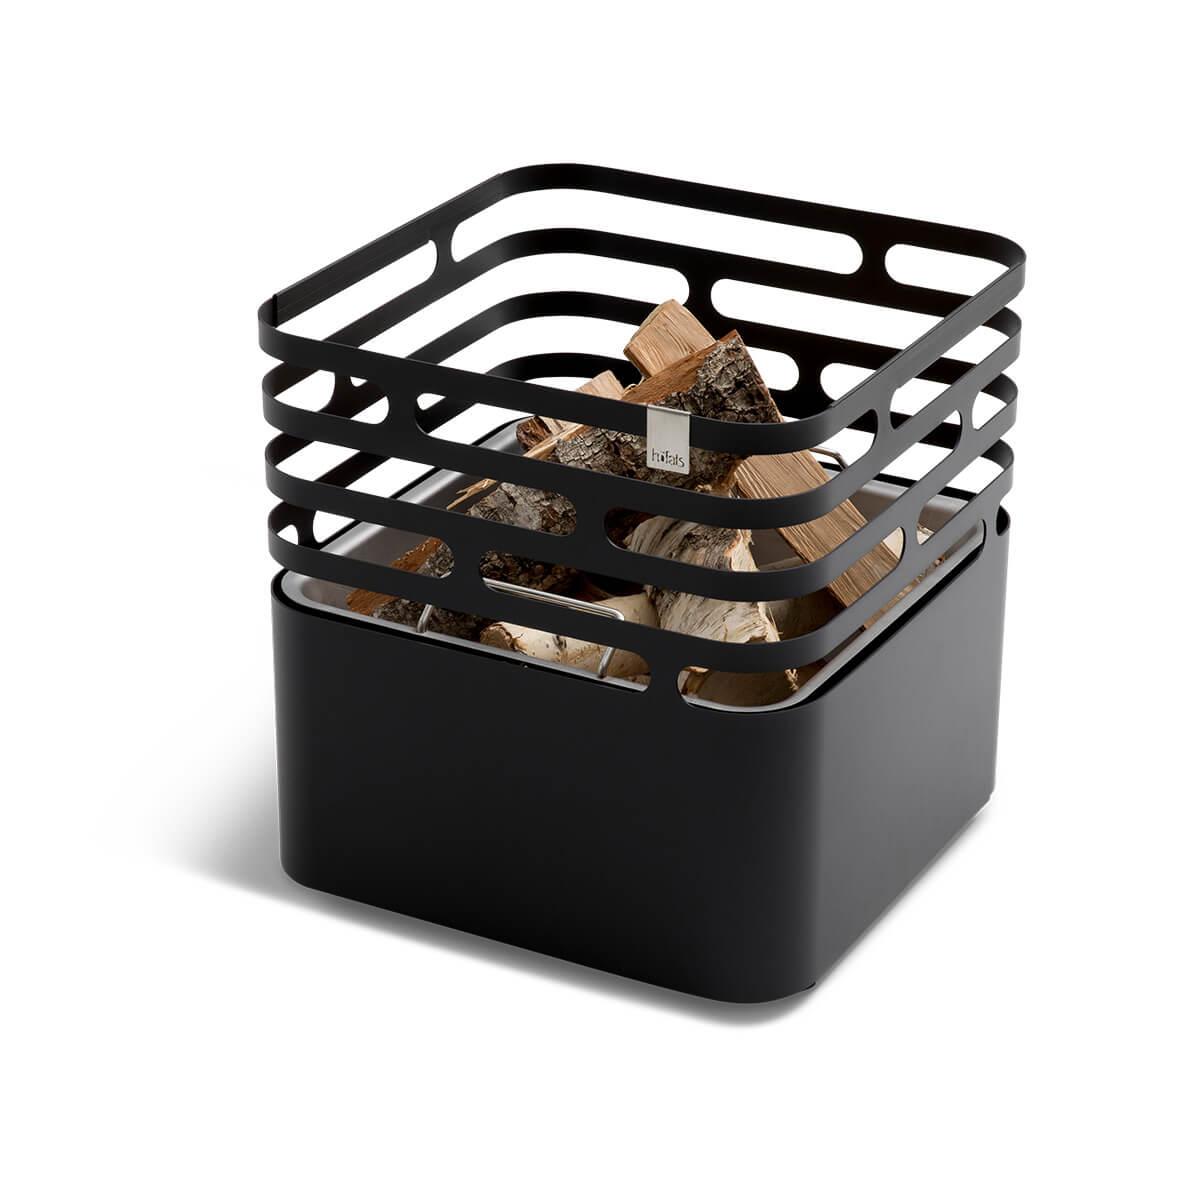 Höfats Cube Feuerkorb, Grill & Hocker 020101